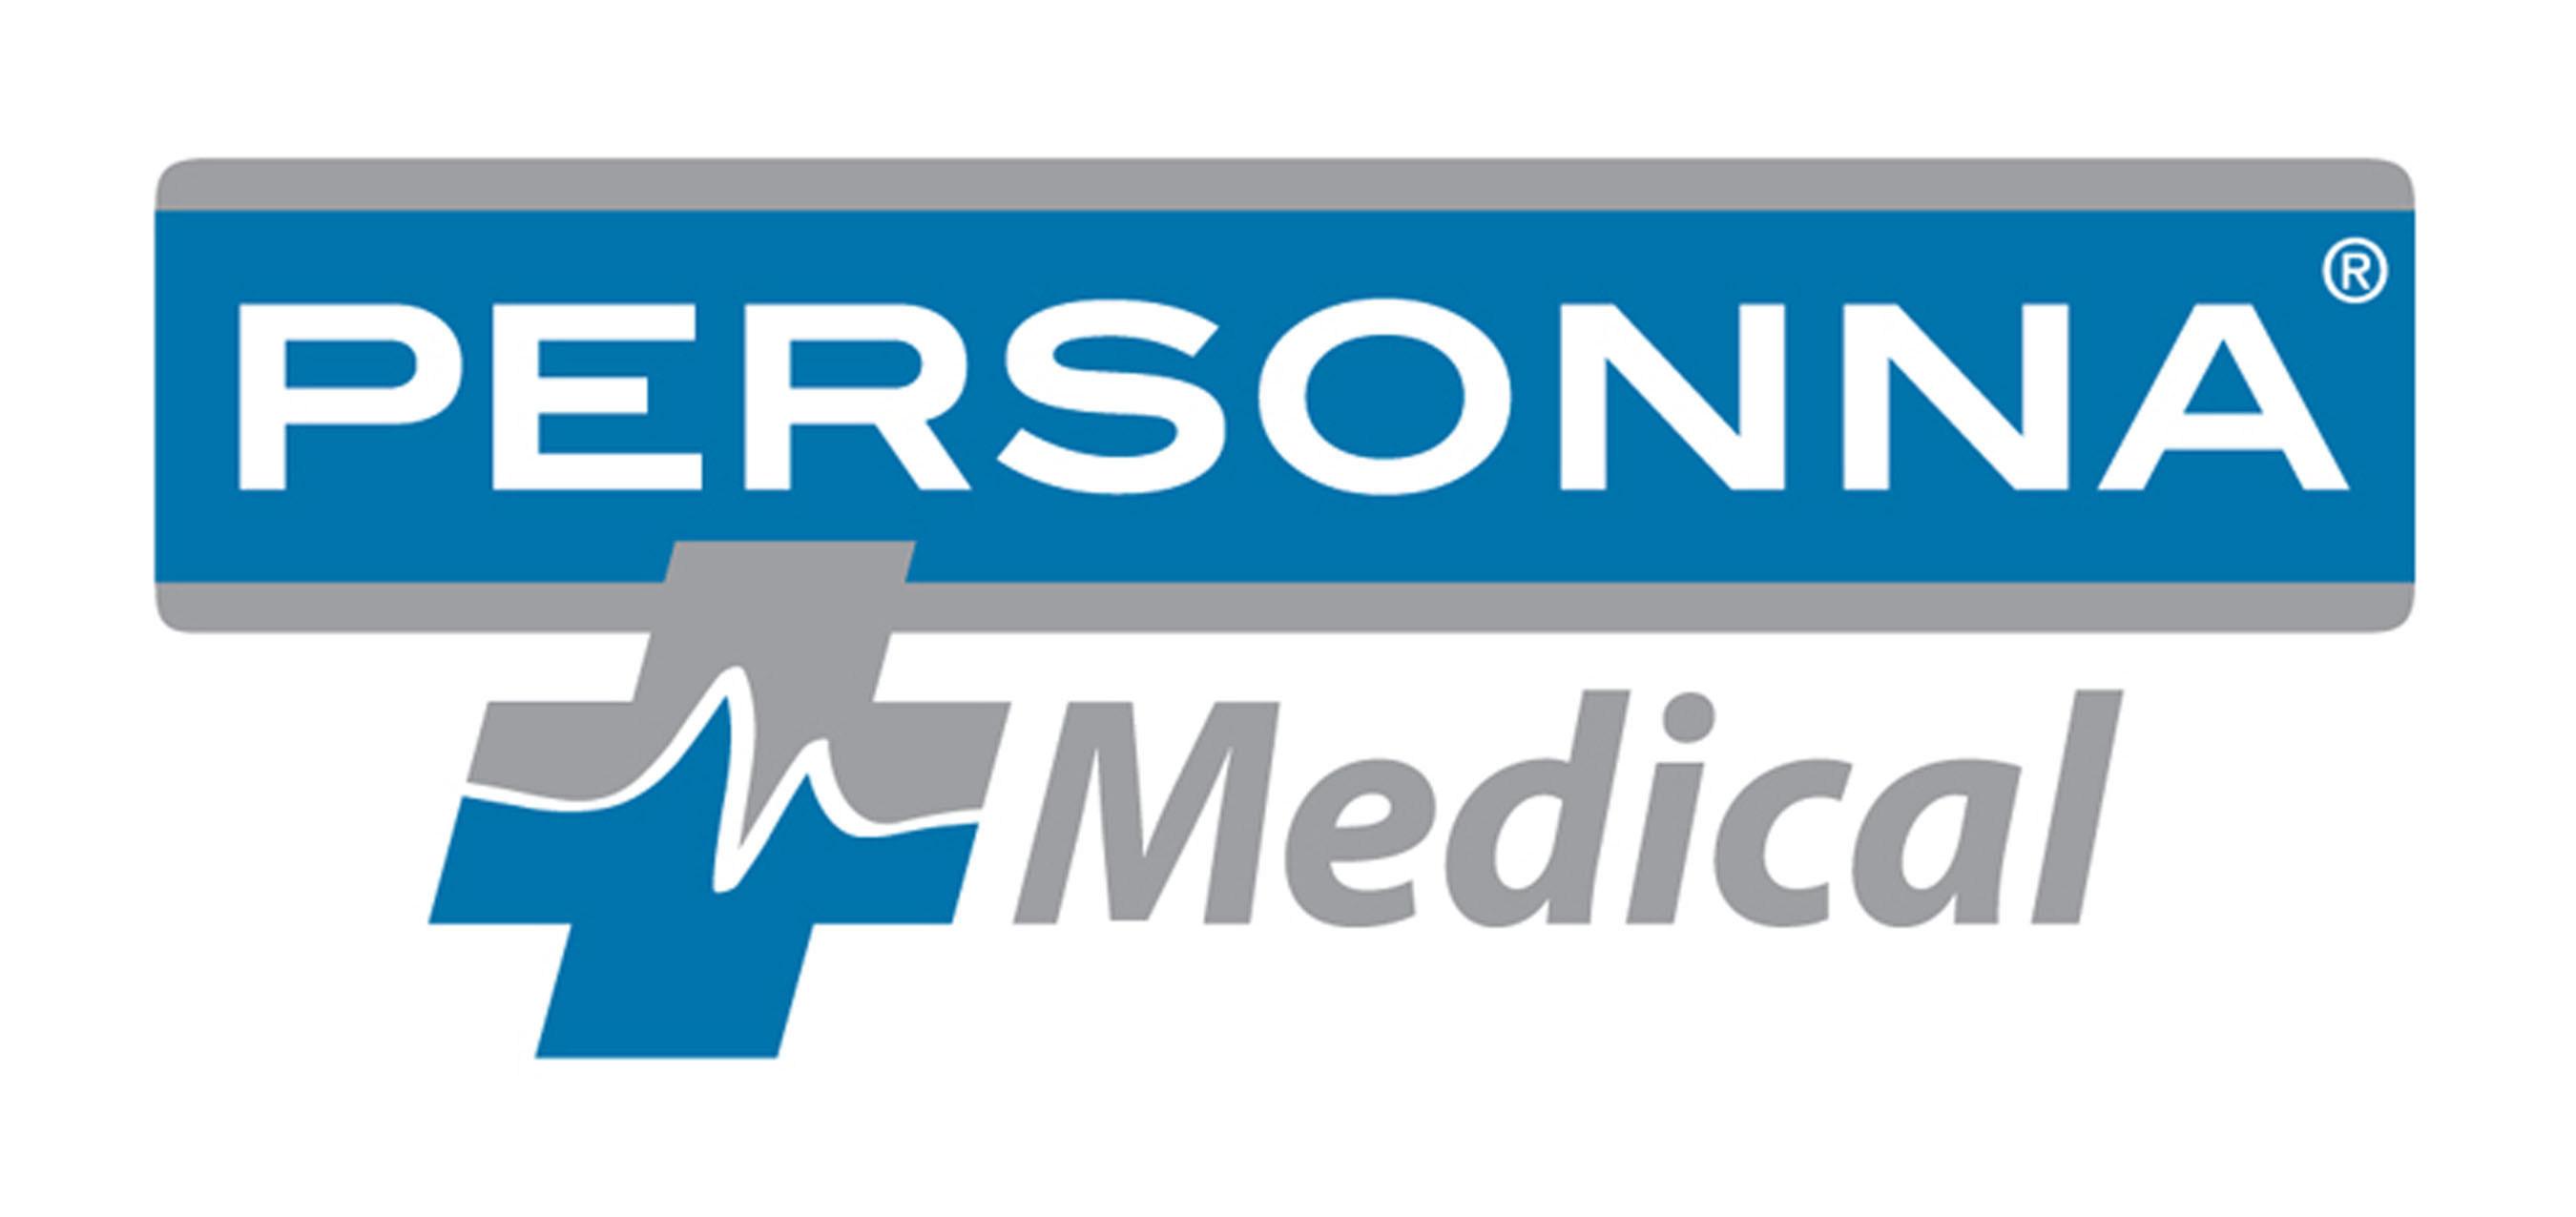 Personna® Medical präsentiert DermaBlade® auf dem 23. Weltkongress für Dermatologie